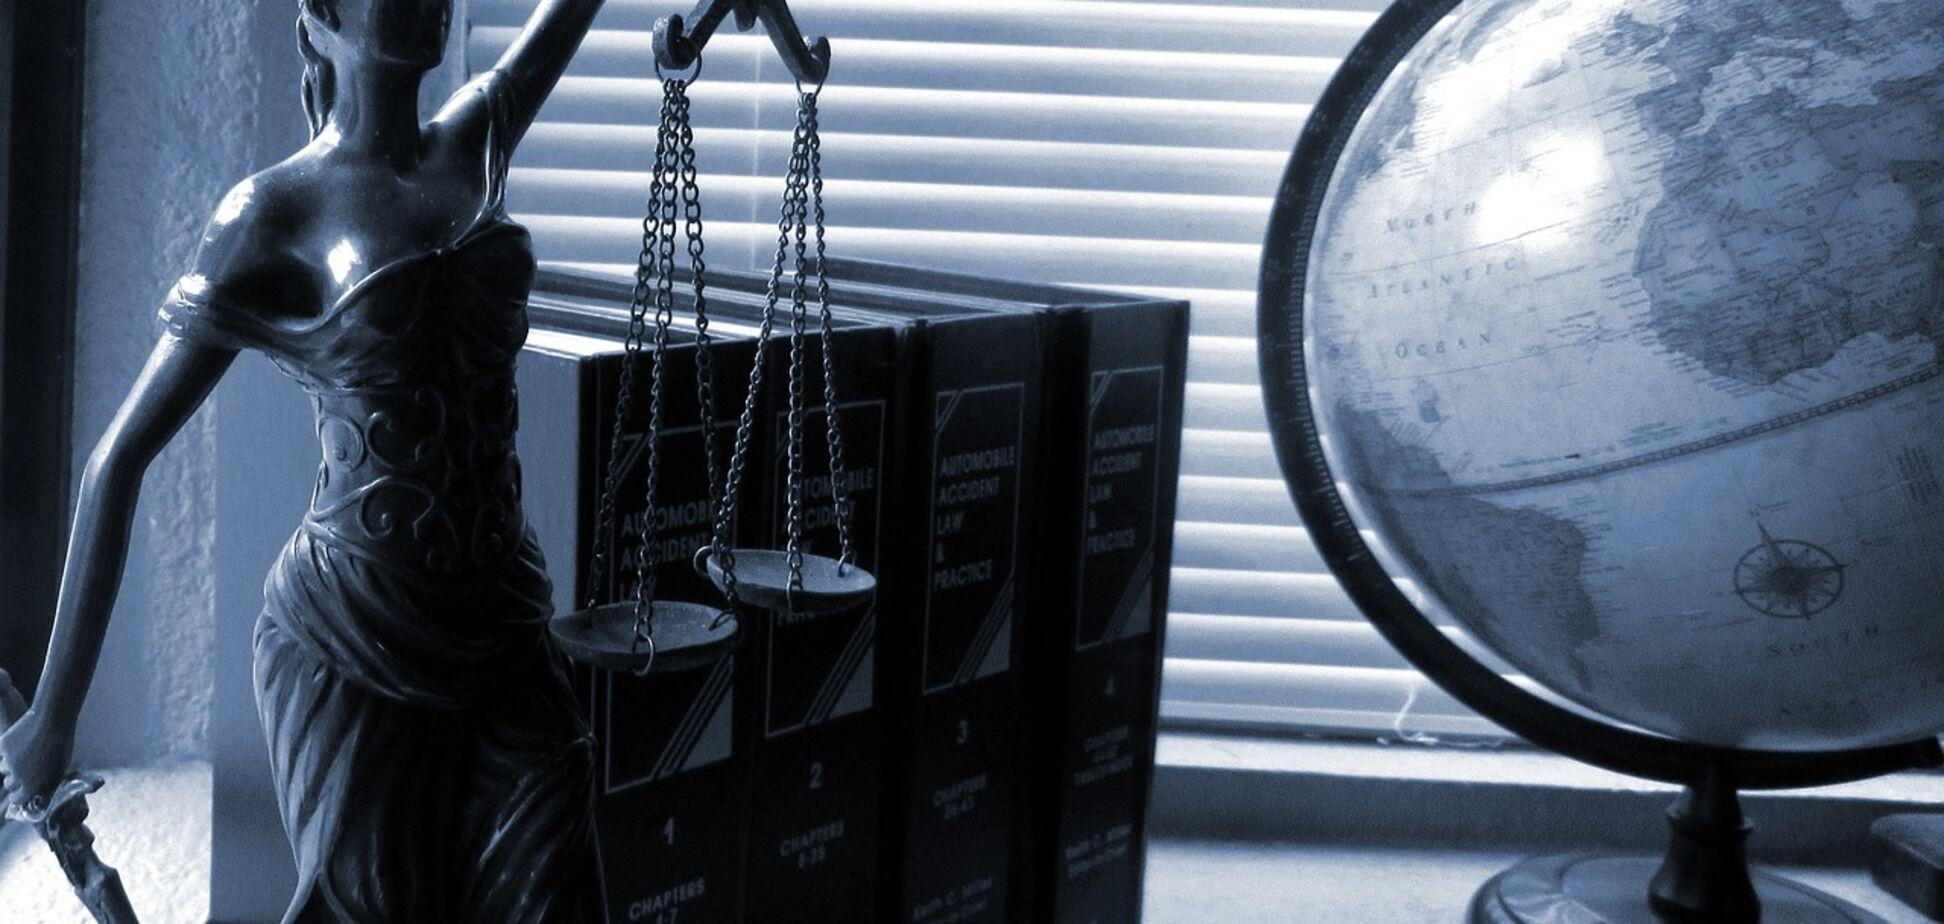 Подсунули плохой товар или услугу: как добиться справедливости